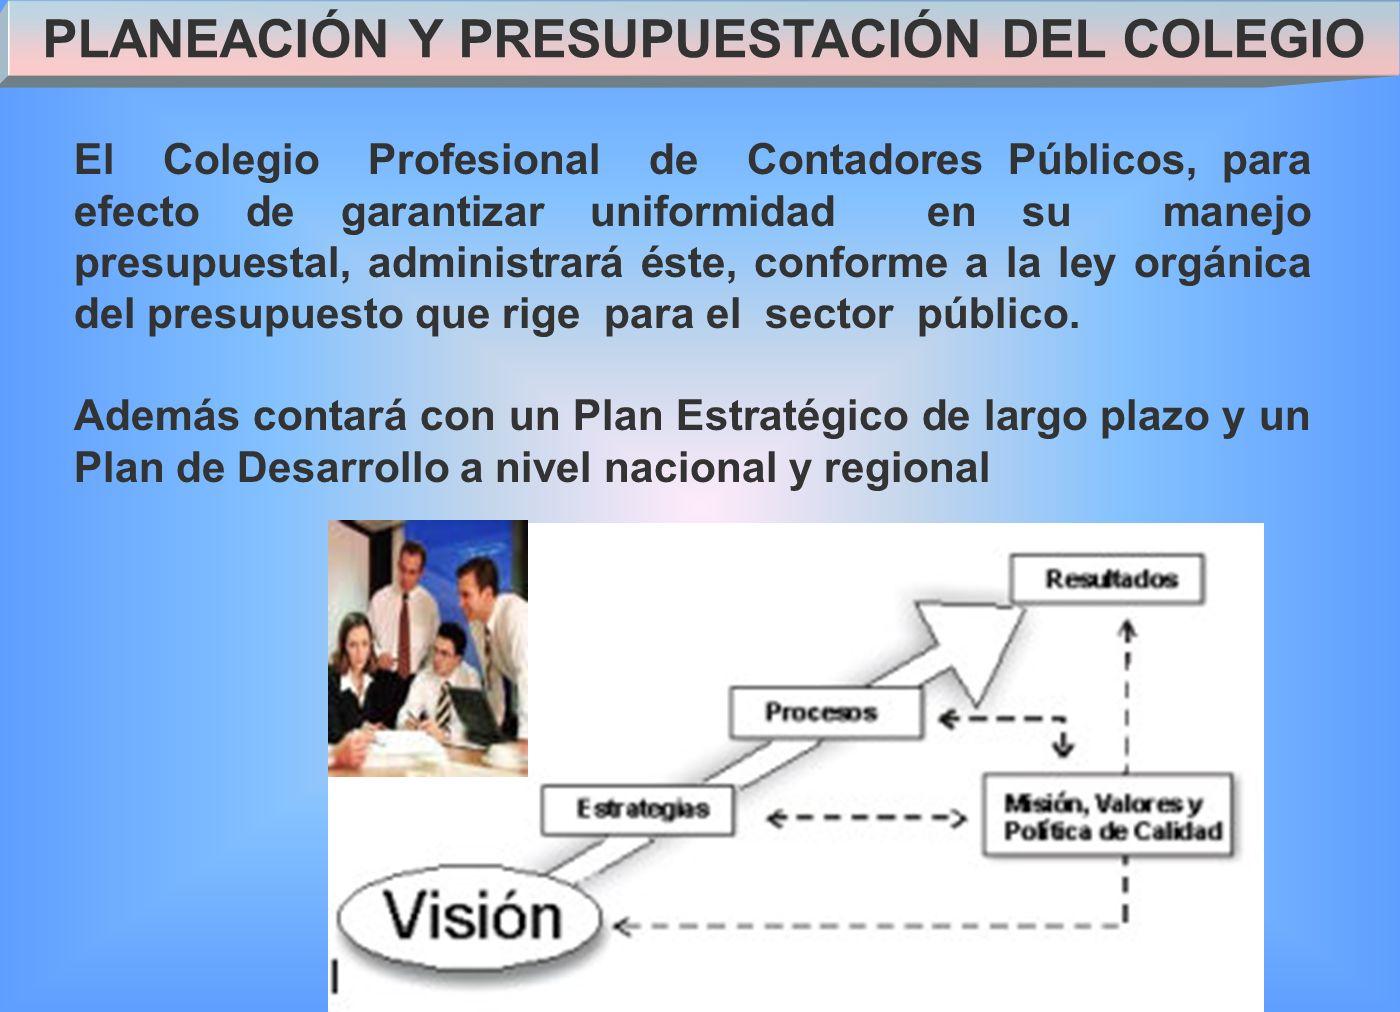 PLANEACIÓN Y PRESUPUESTACIÓN DEL COLEGIO El Colegio Profesional de Contadores Públicos, para efecto de garantizar uniformidad en su manejo presupuestal, administrará éste, conforme a la ley orgánica del presupuesto que rige para el sector público.